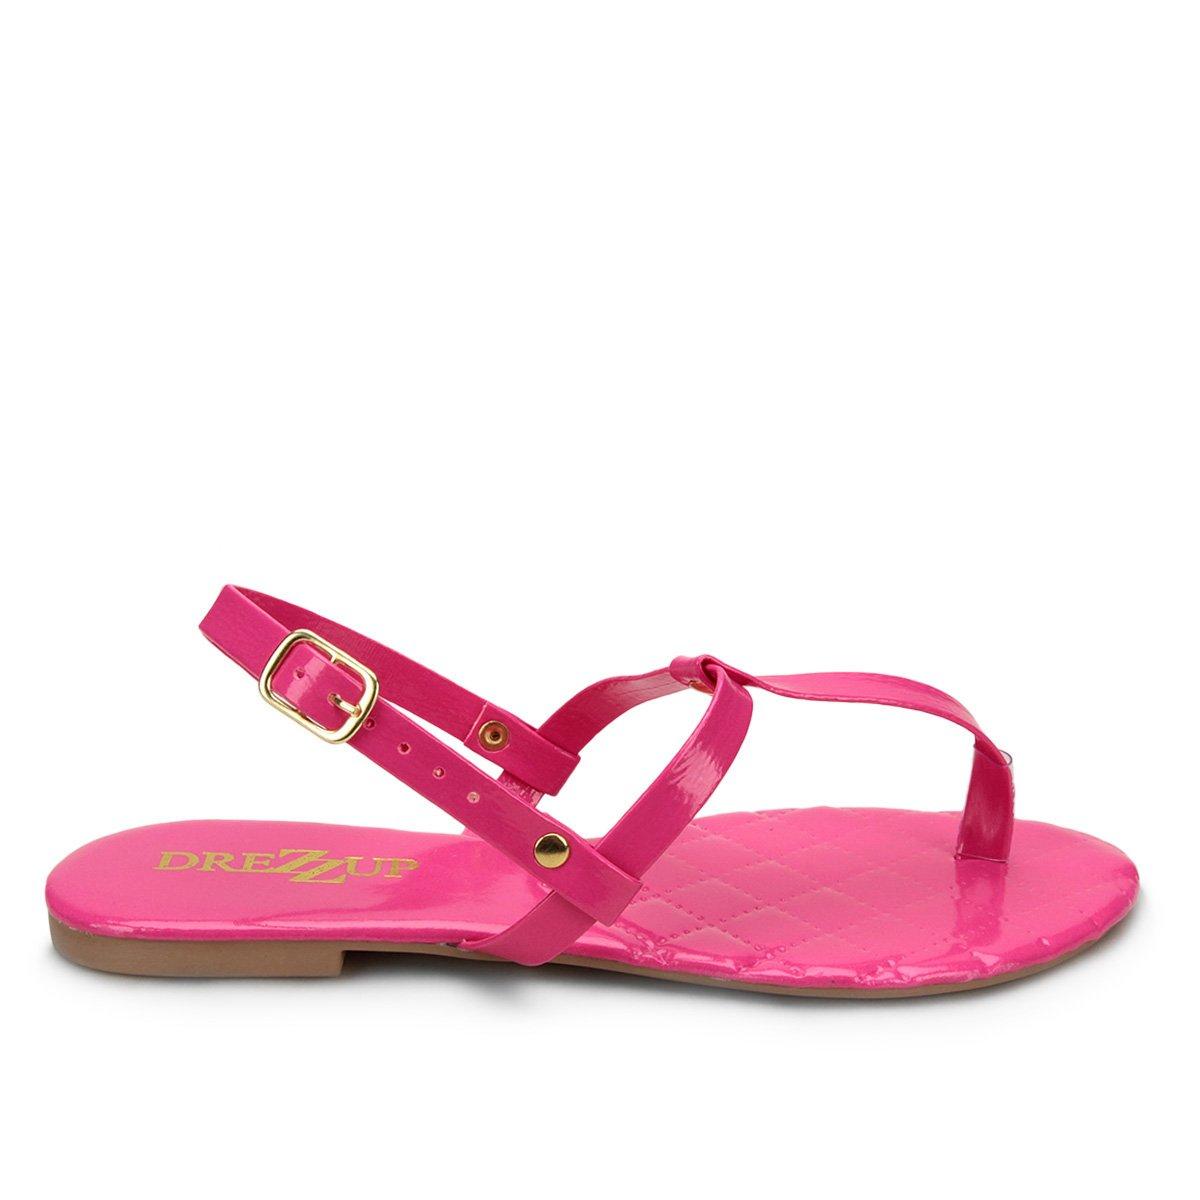 Matelassê Matelassê Rasteira Drezzup Drezzup Pink Rasteira Drezzup Rasteira Pink Matelassê wraqErnX